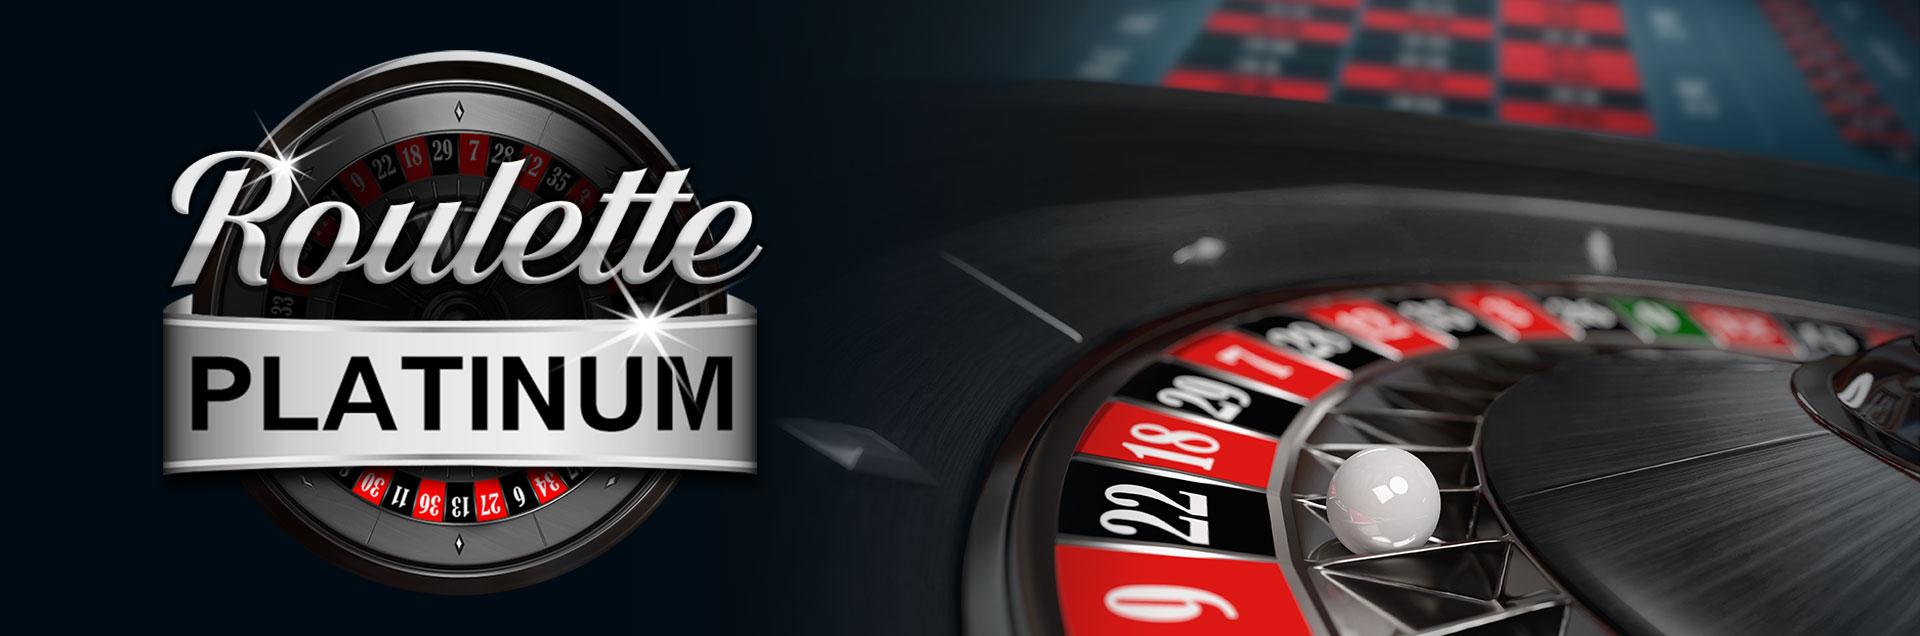 Logo Roulette Platinum 1920x636